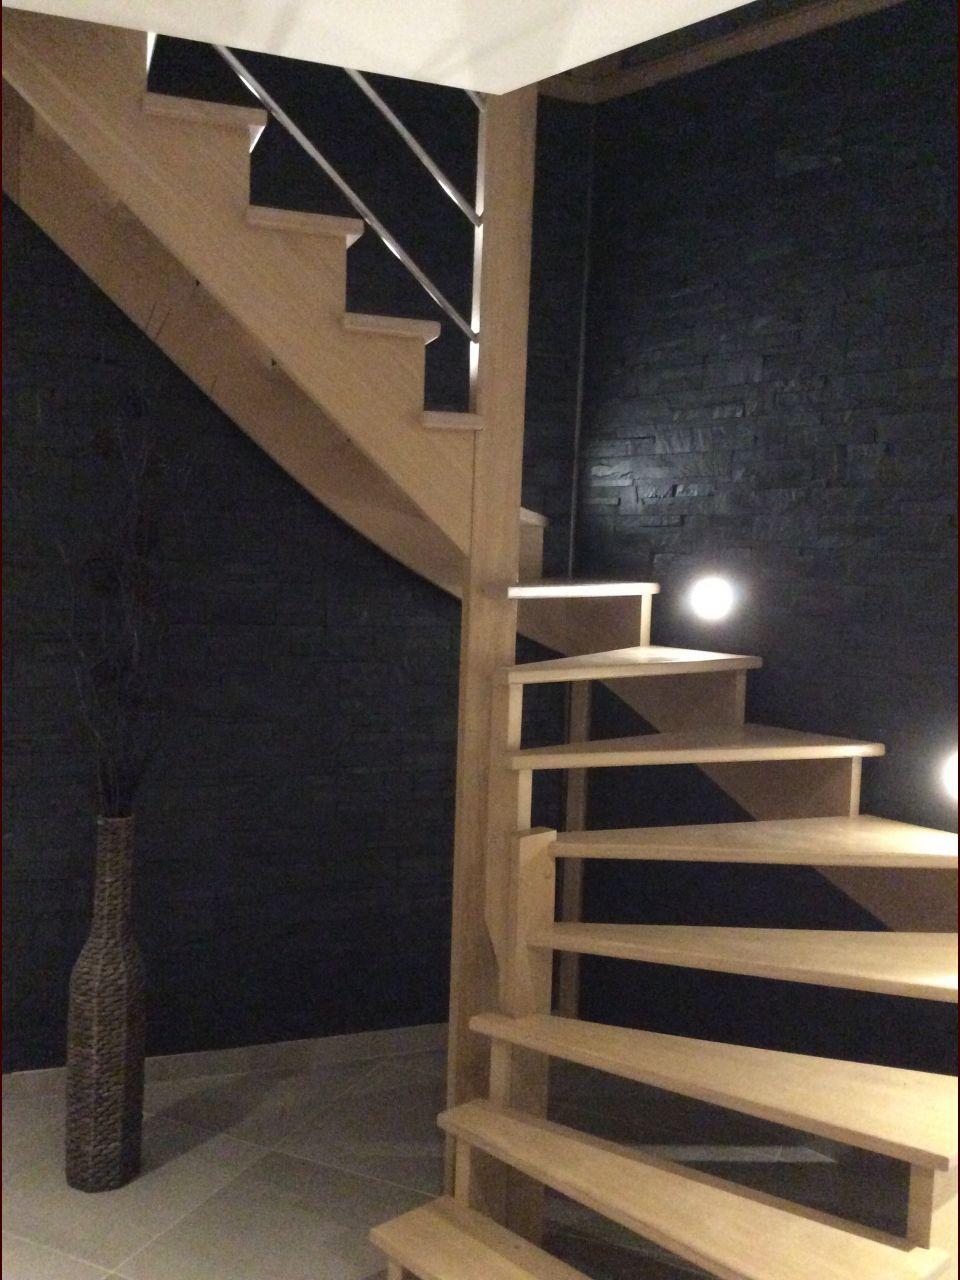 escalier en chêne avec de la pierre naturelle en mural  escalier